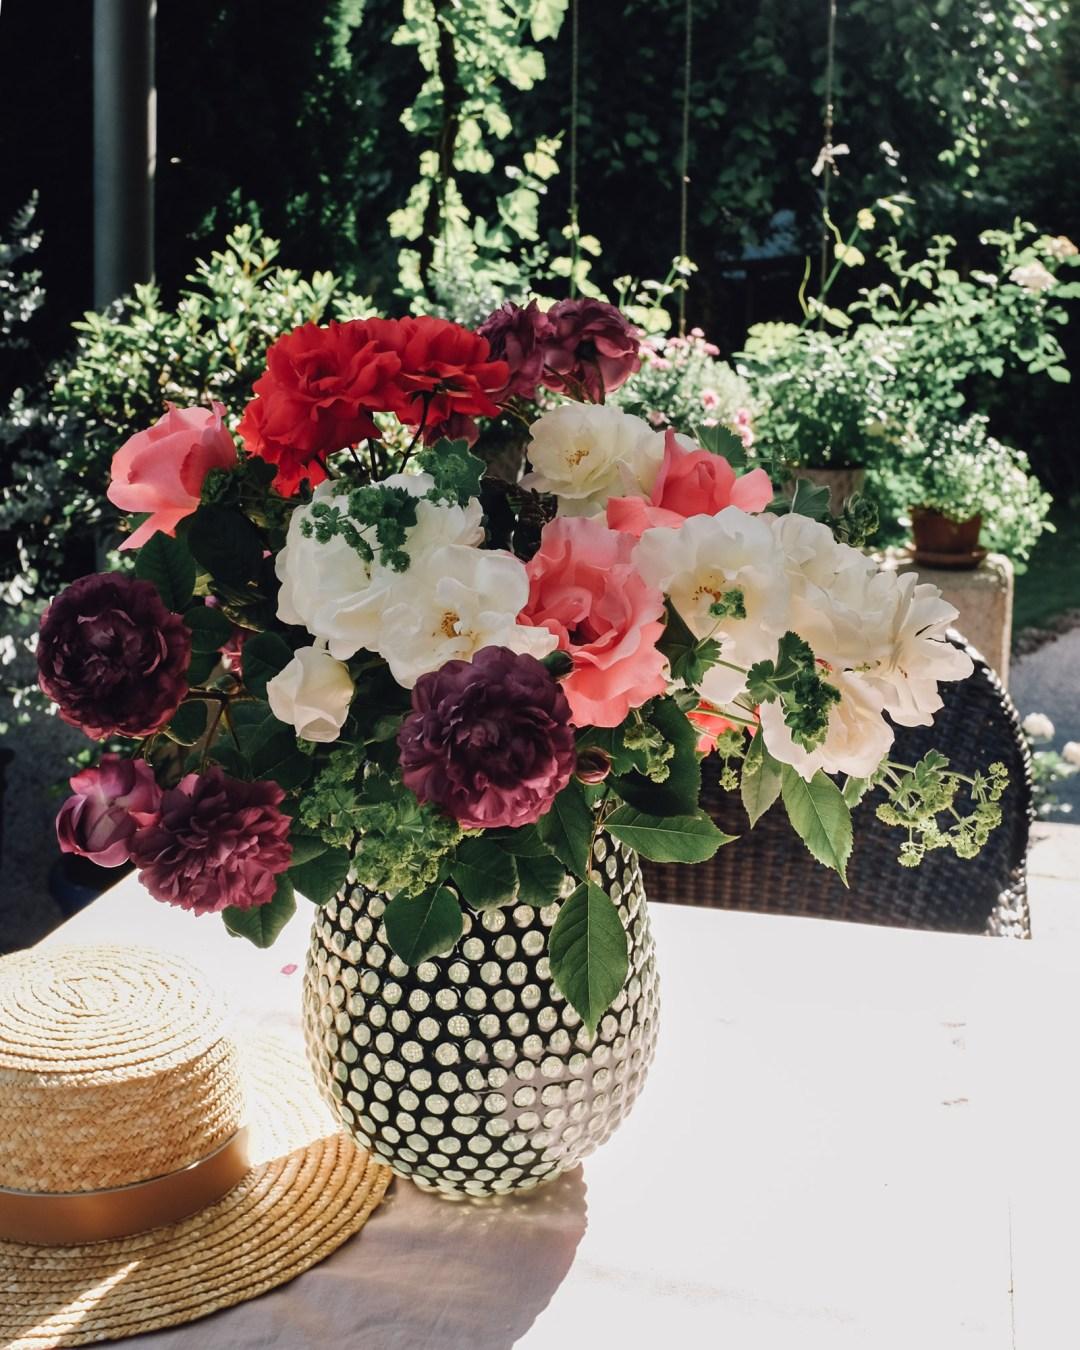 Inastil, Blumenliebe, Blumenstrauß, Dekoration, Blumendekoration, DIY, Gartenblumen, Rosen, Wiesenblumen, Blumenvasen, Homedecor, Dekoration Solebenwir, Daheim